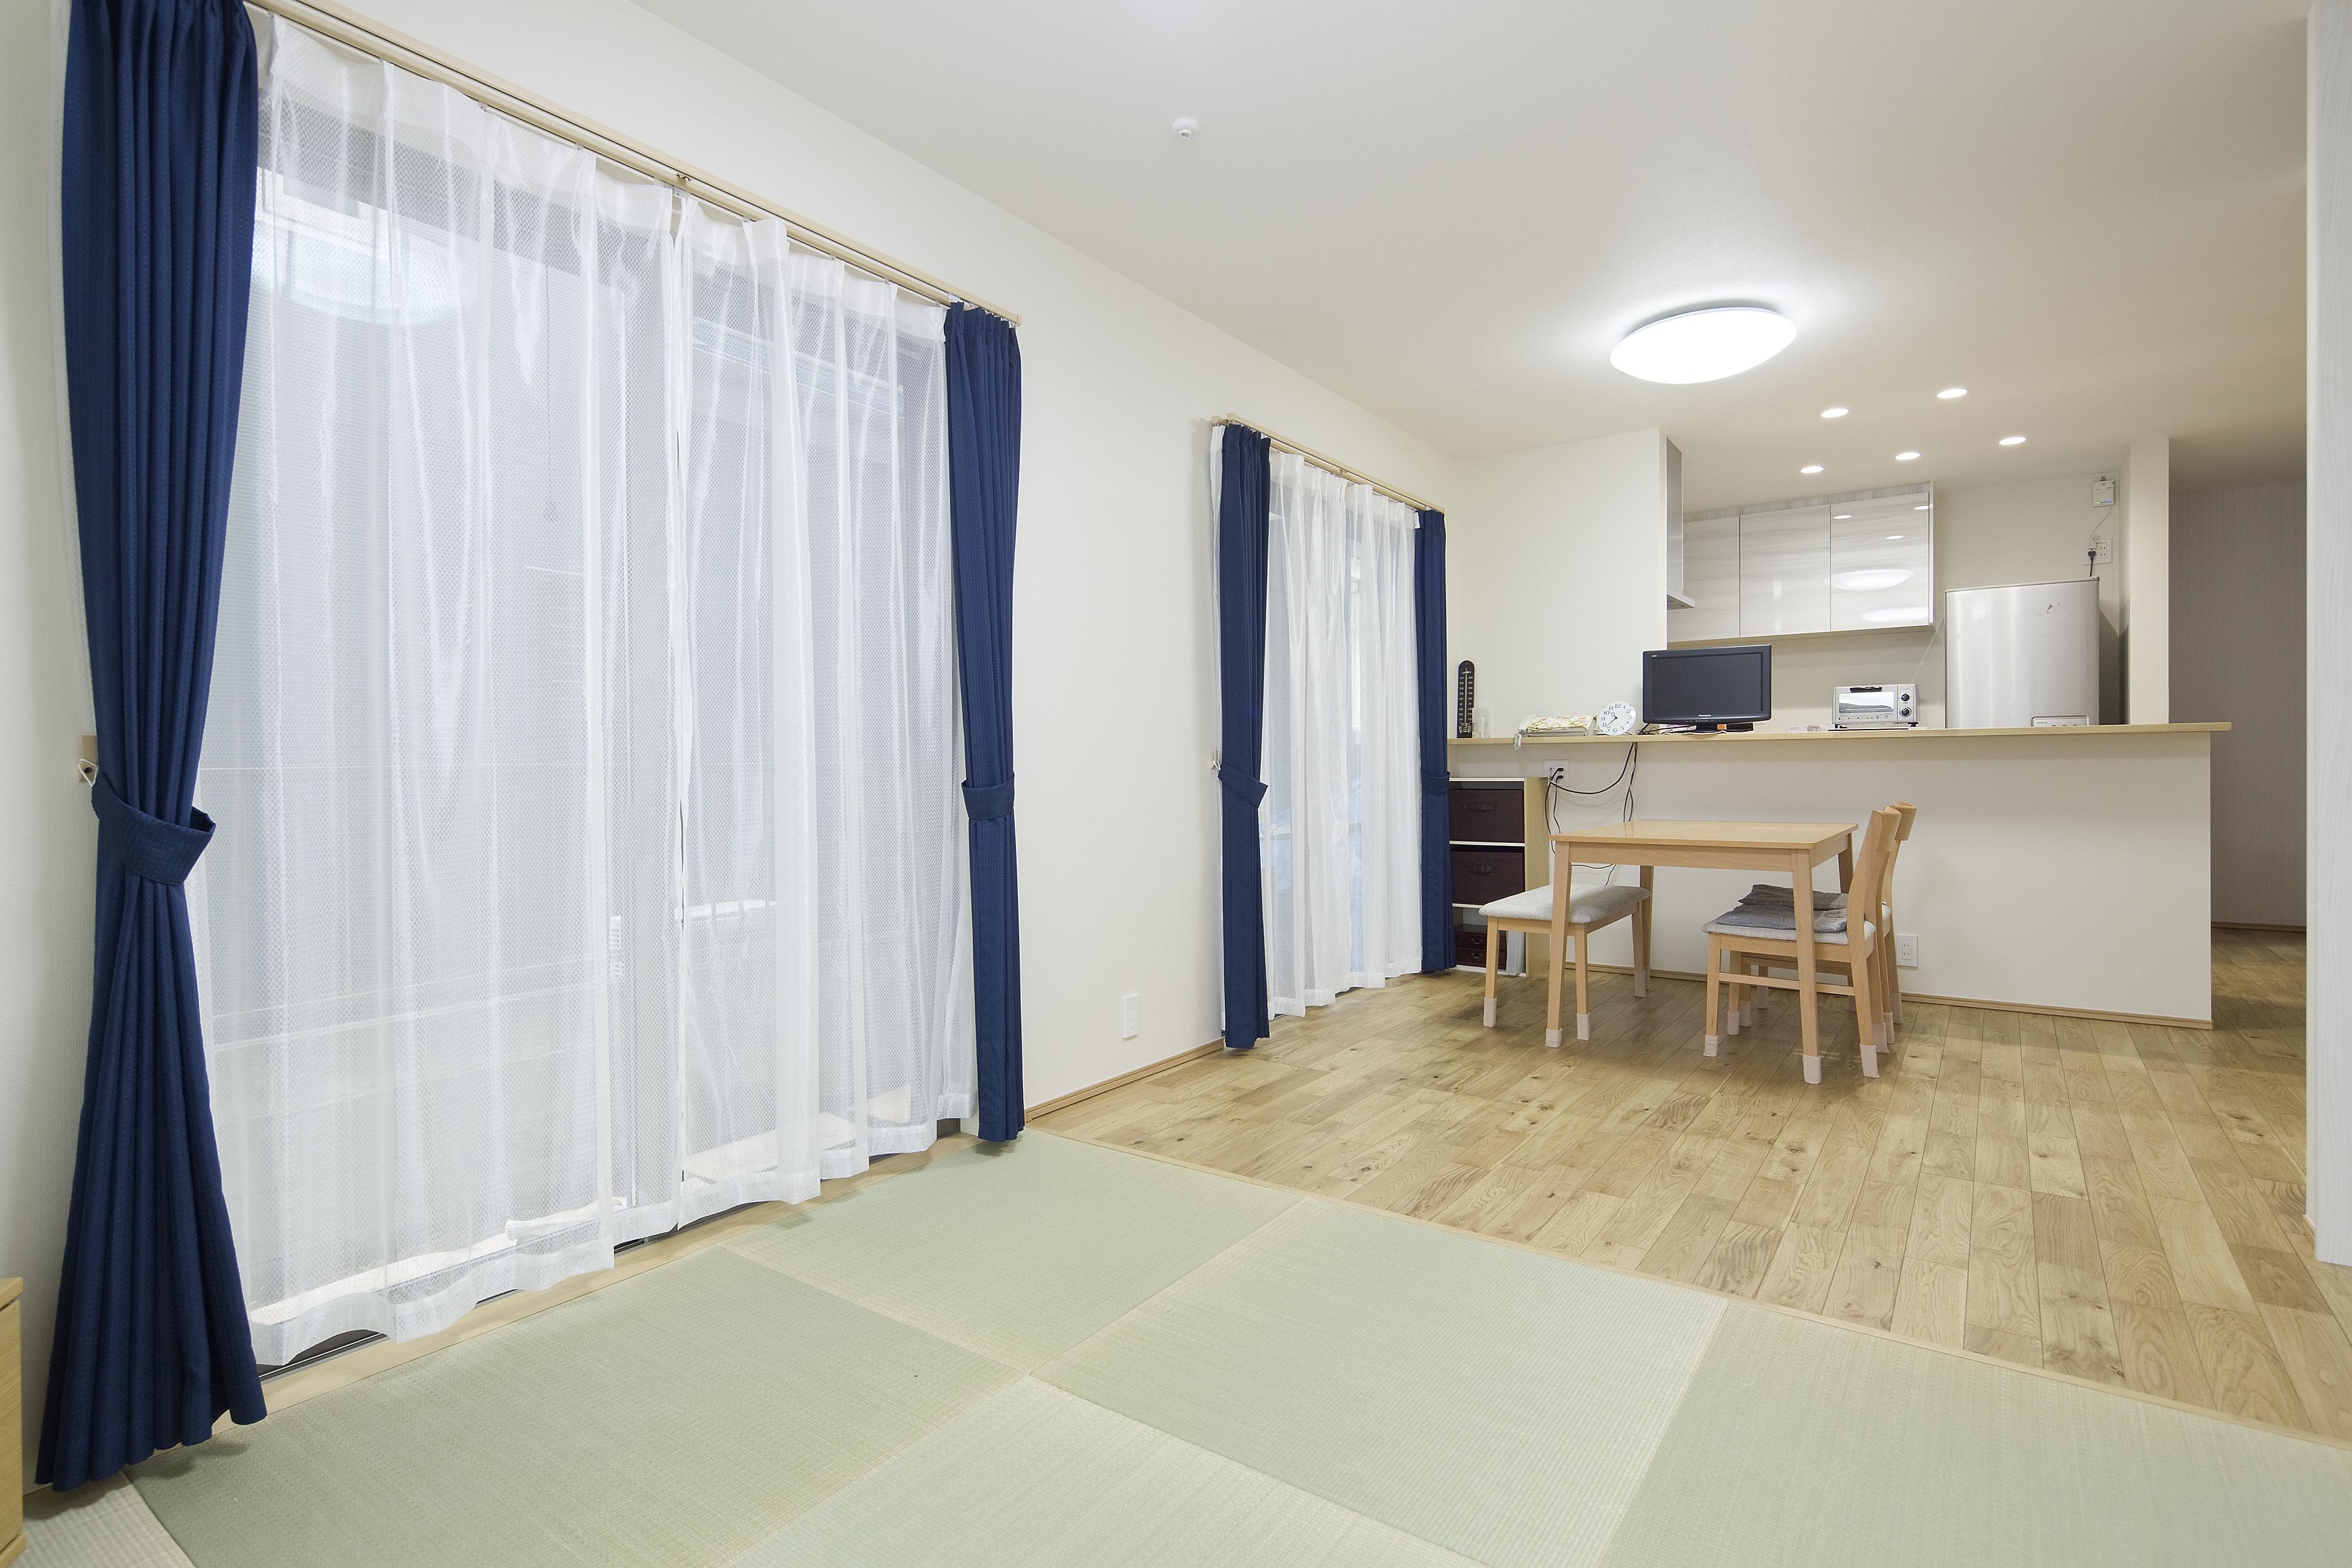 1階のご両親世帯が暮らすリビングは畳リビングに。